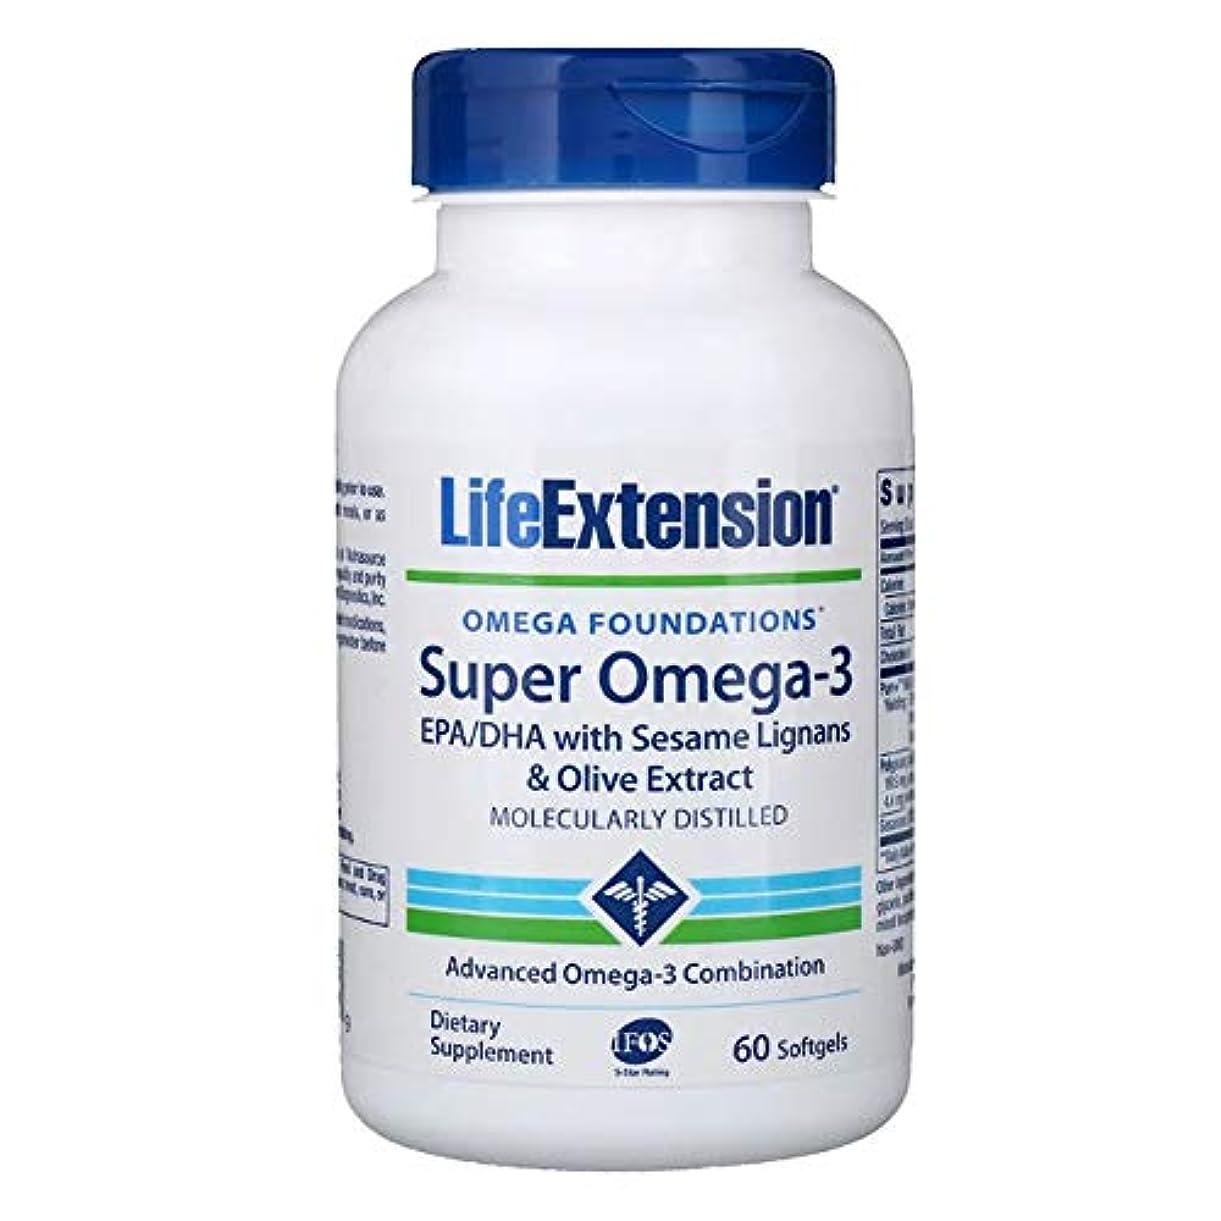 気楽なゴシップうれしいLife Extension オメガファンデーション オメガの基盤 スーパーオメガ 3 ソフトジェル 60粒 【アメリカ直送】